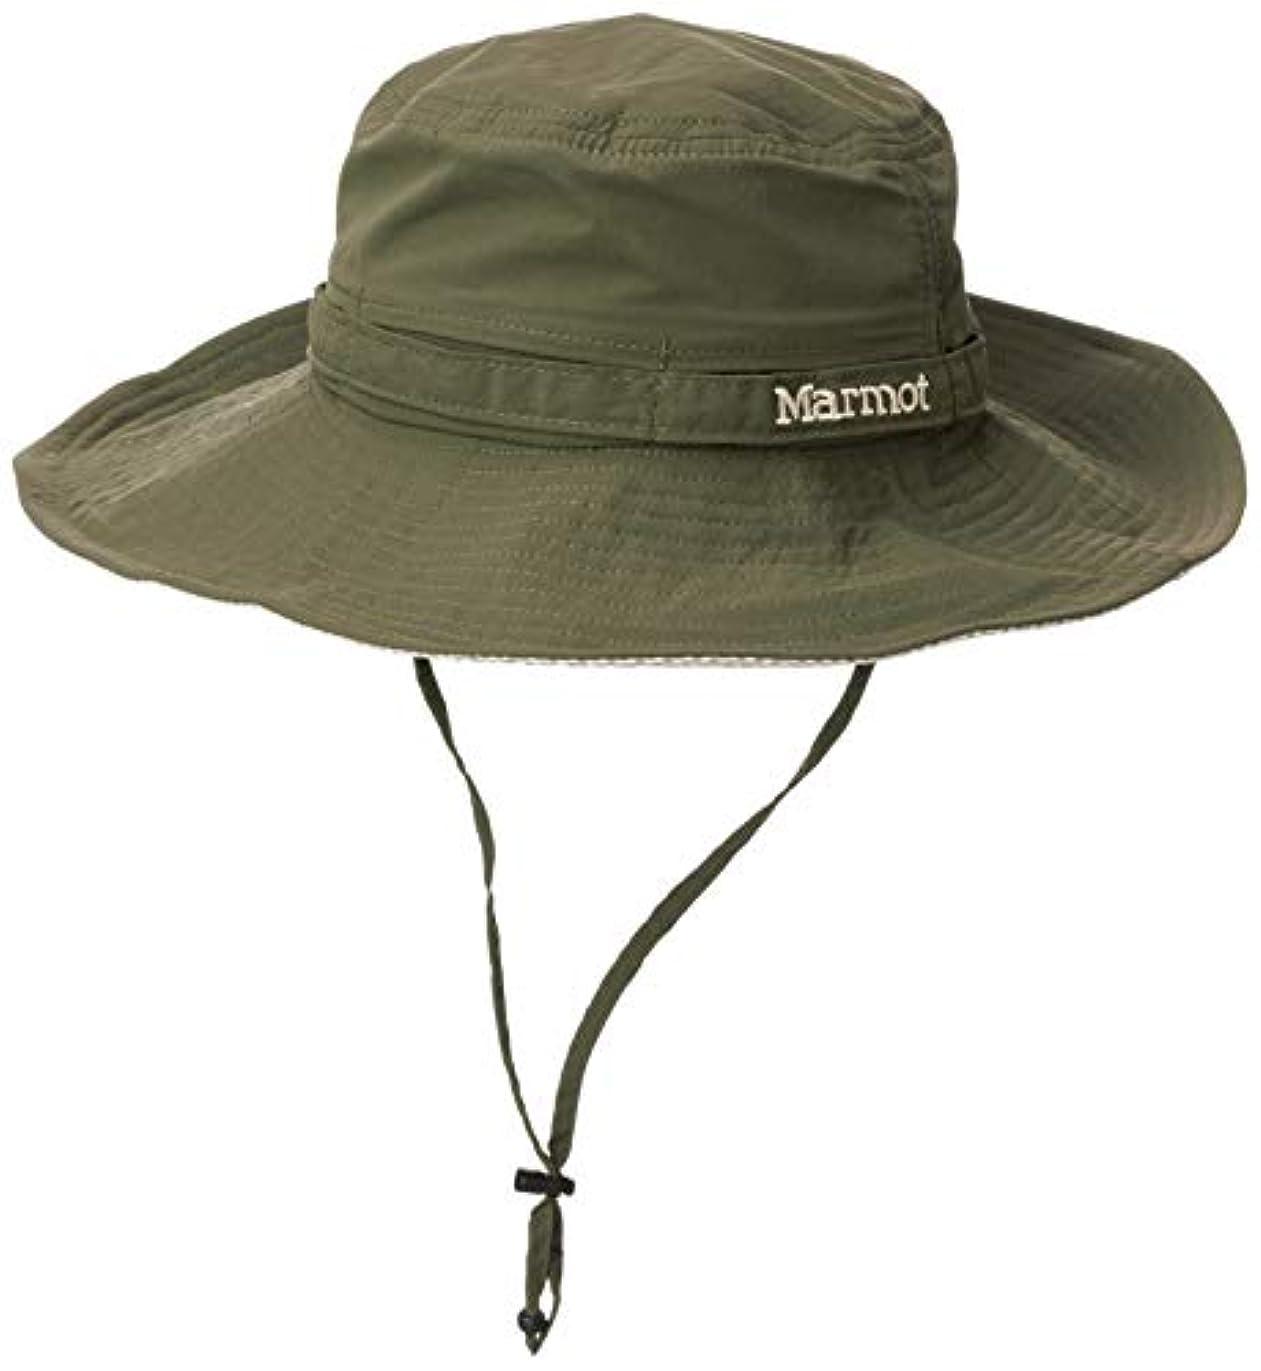 憂鬱な圧倒する海藻[マーモット] 帽子 スローチハット